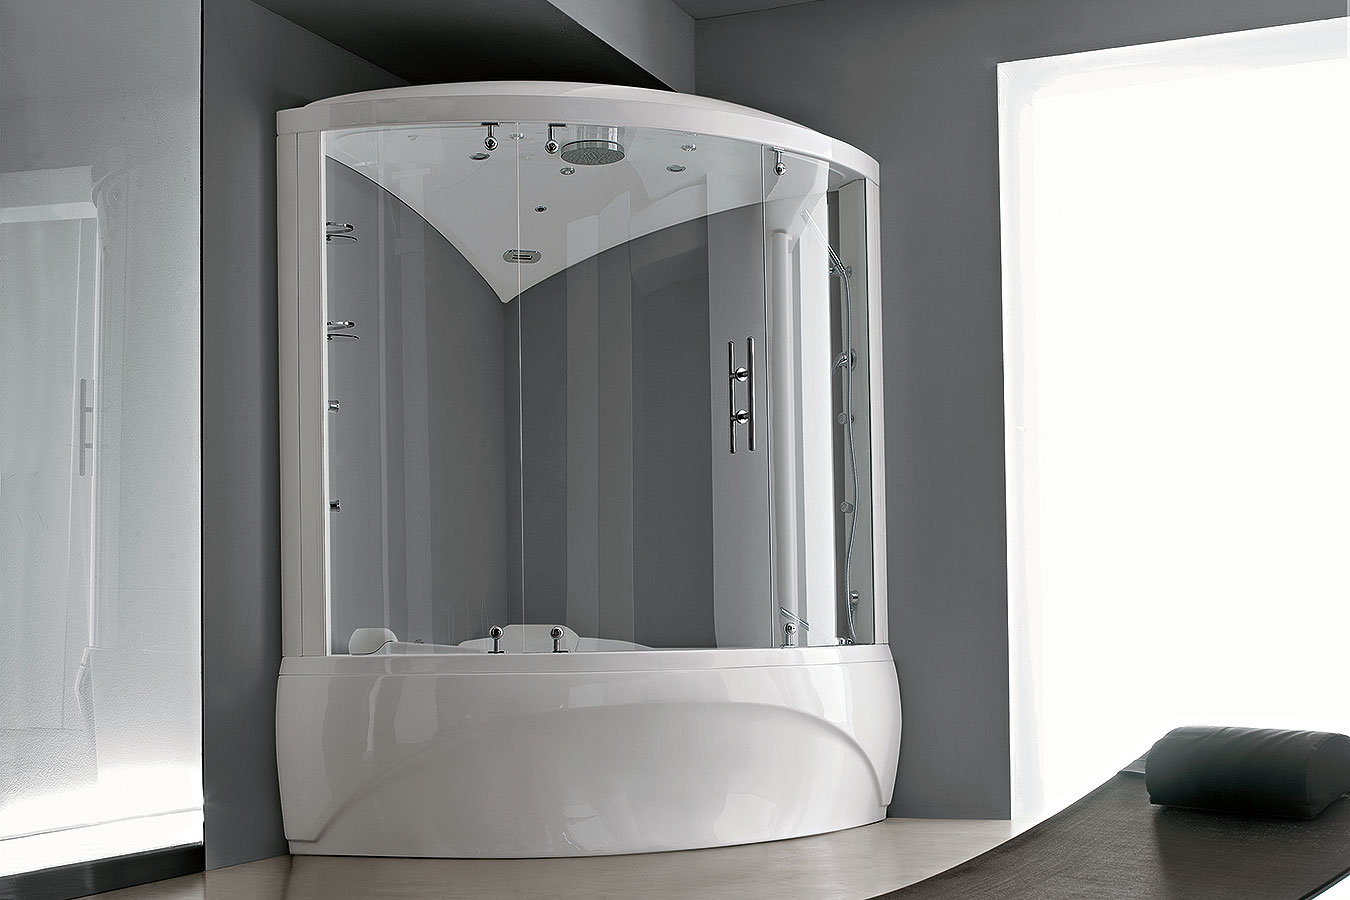 Vasche Da Bagno Angolari Treesse : Vasche angolari